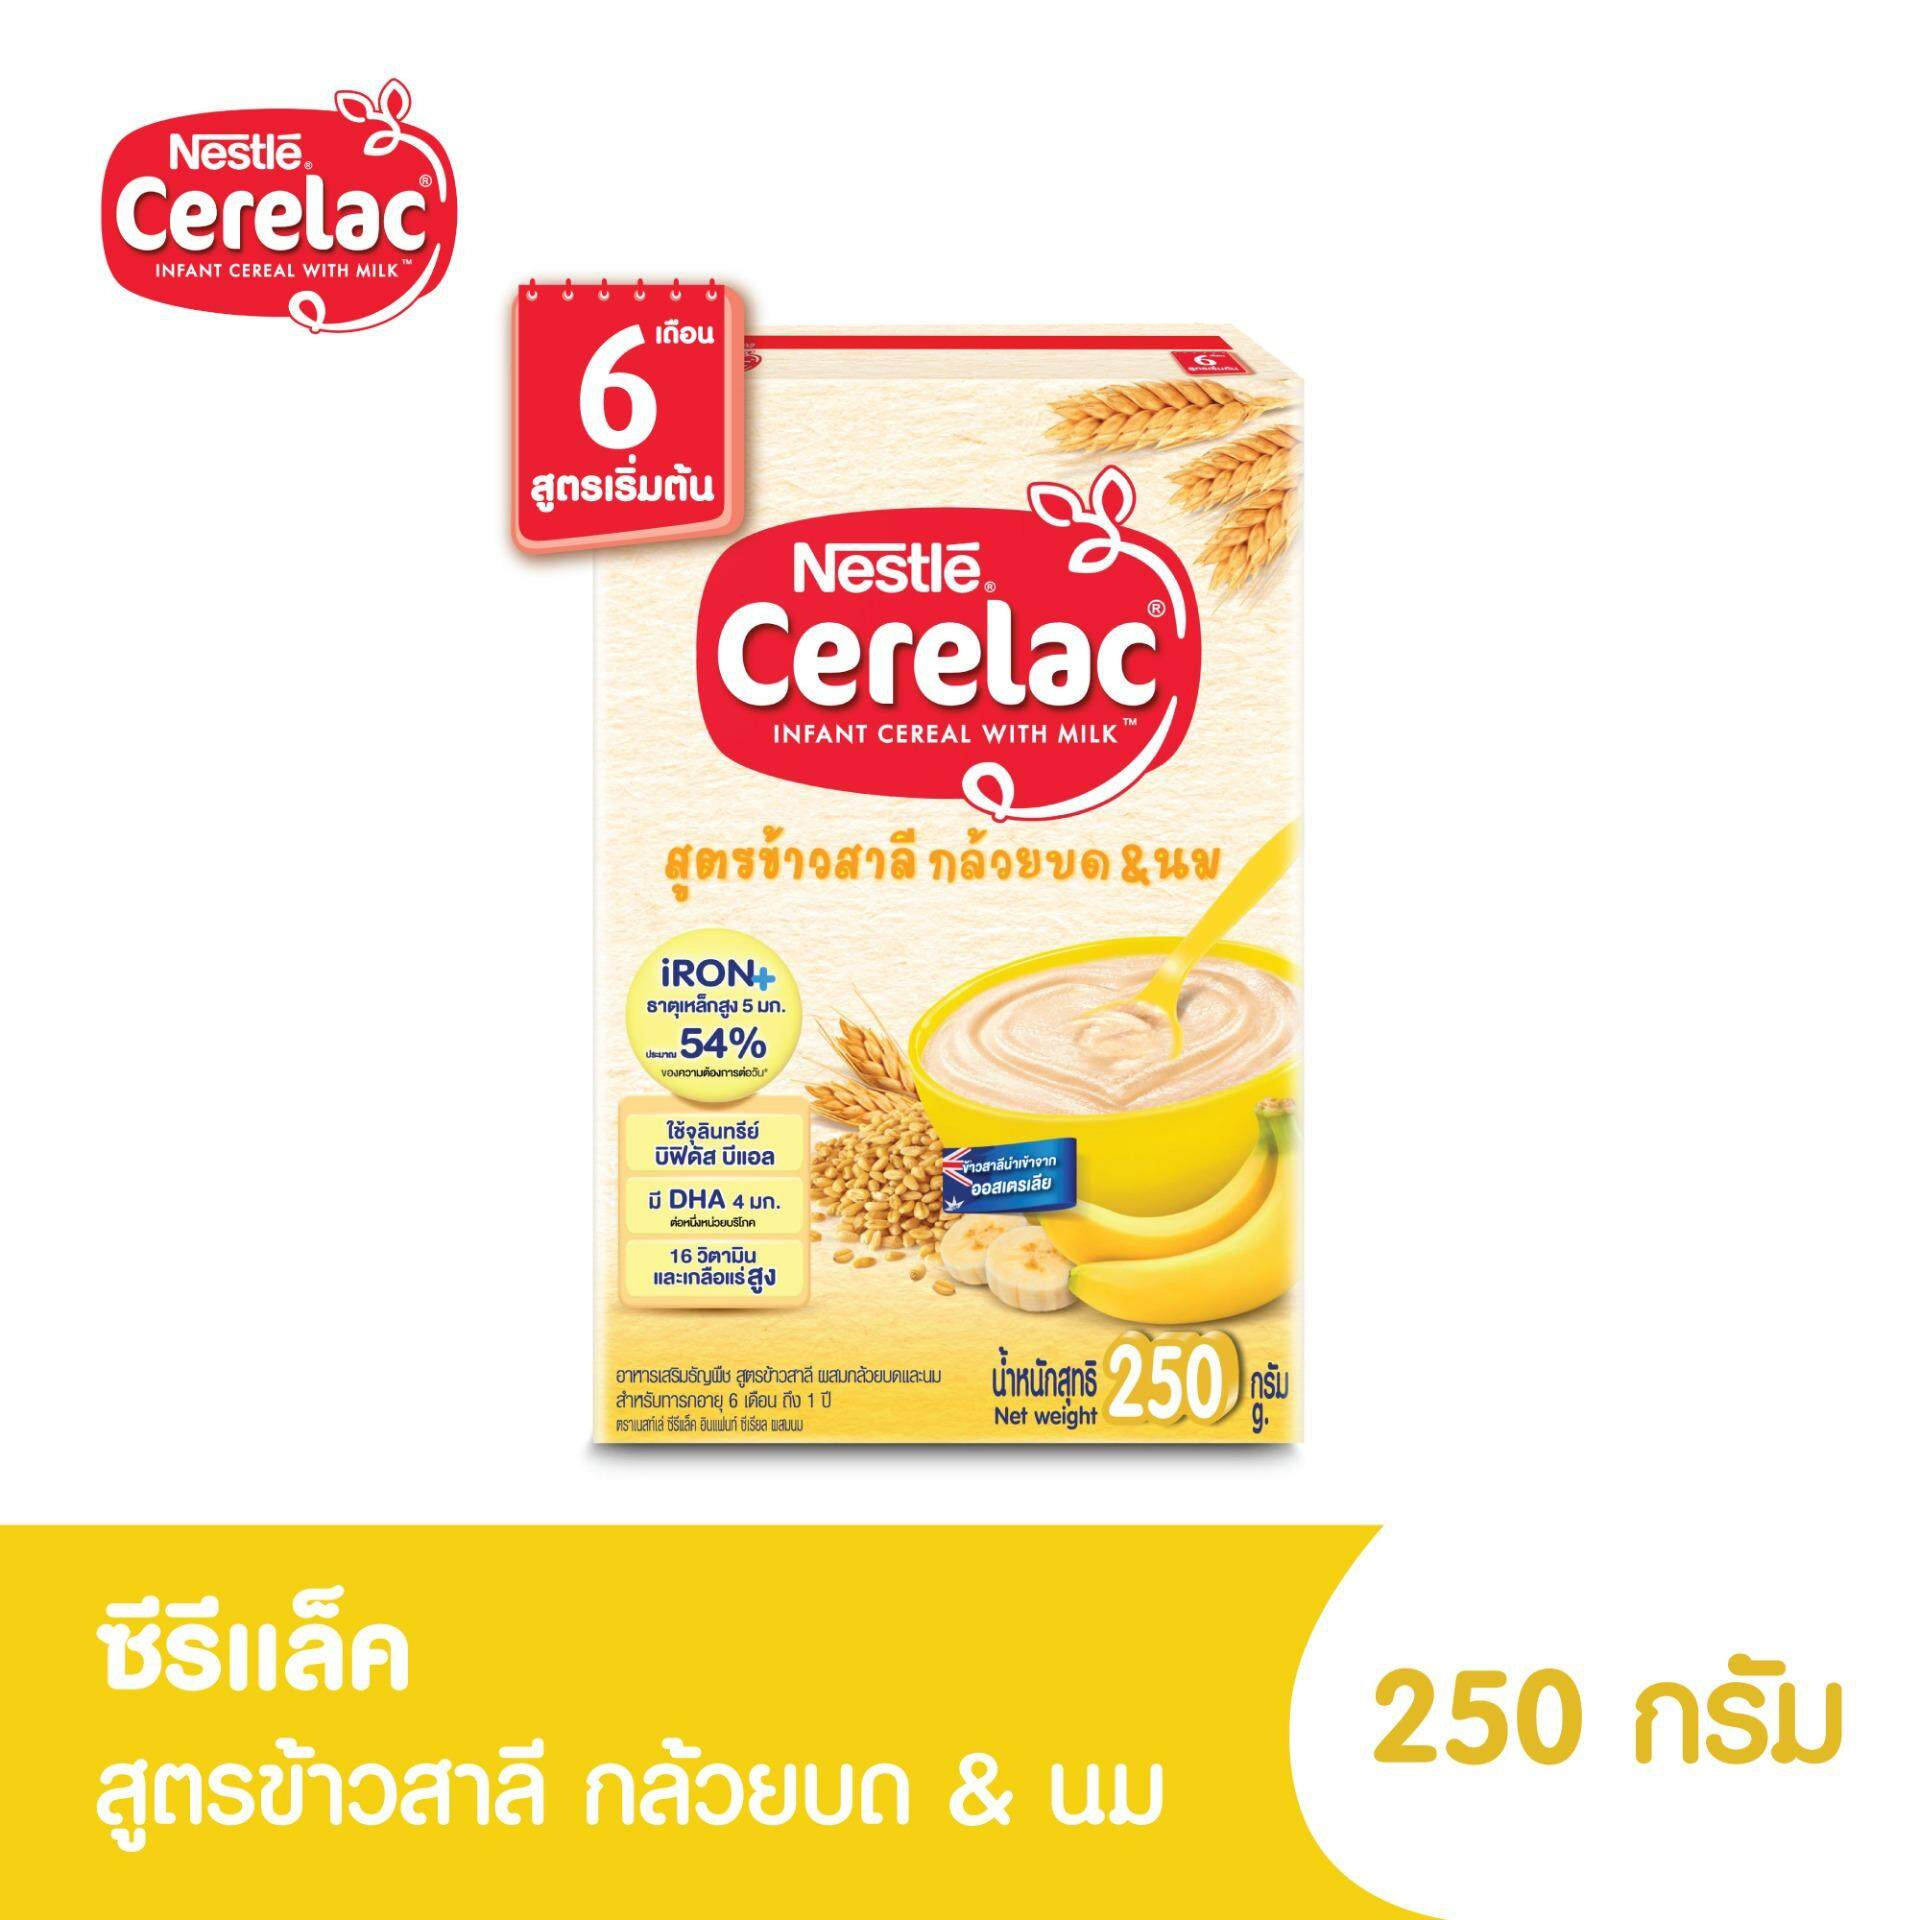 ขาย  ซีรีแล็ค อาหารเสริมสำหรับเด็ก สูตรข้าวสาลีผสมกล้วยบดและนม ขนาด 250 กรัม (1 กล่อง)   สำหรับขาย ของแท้